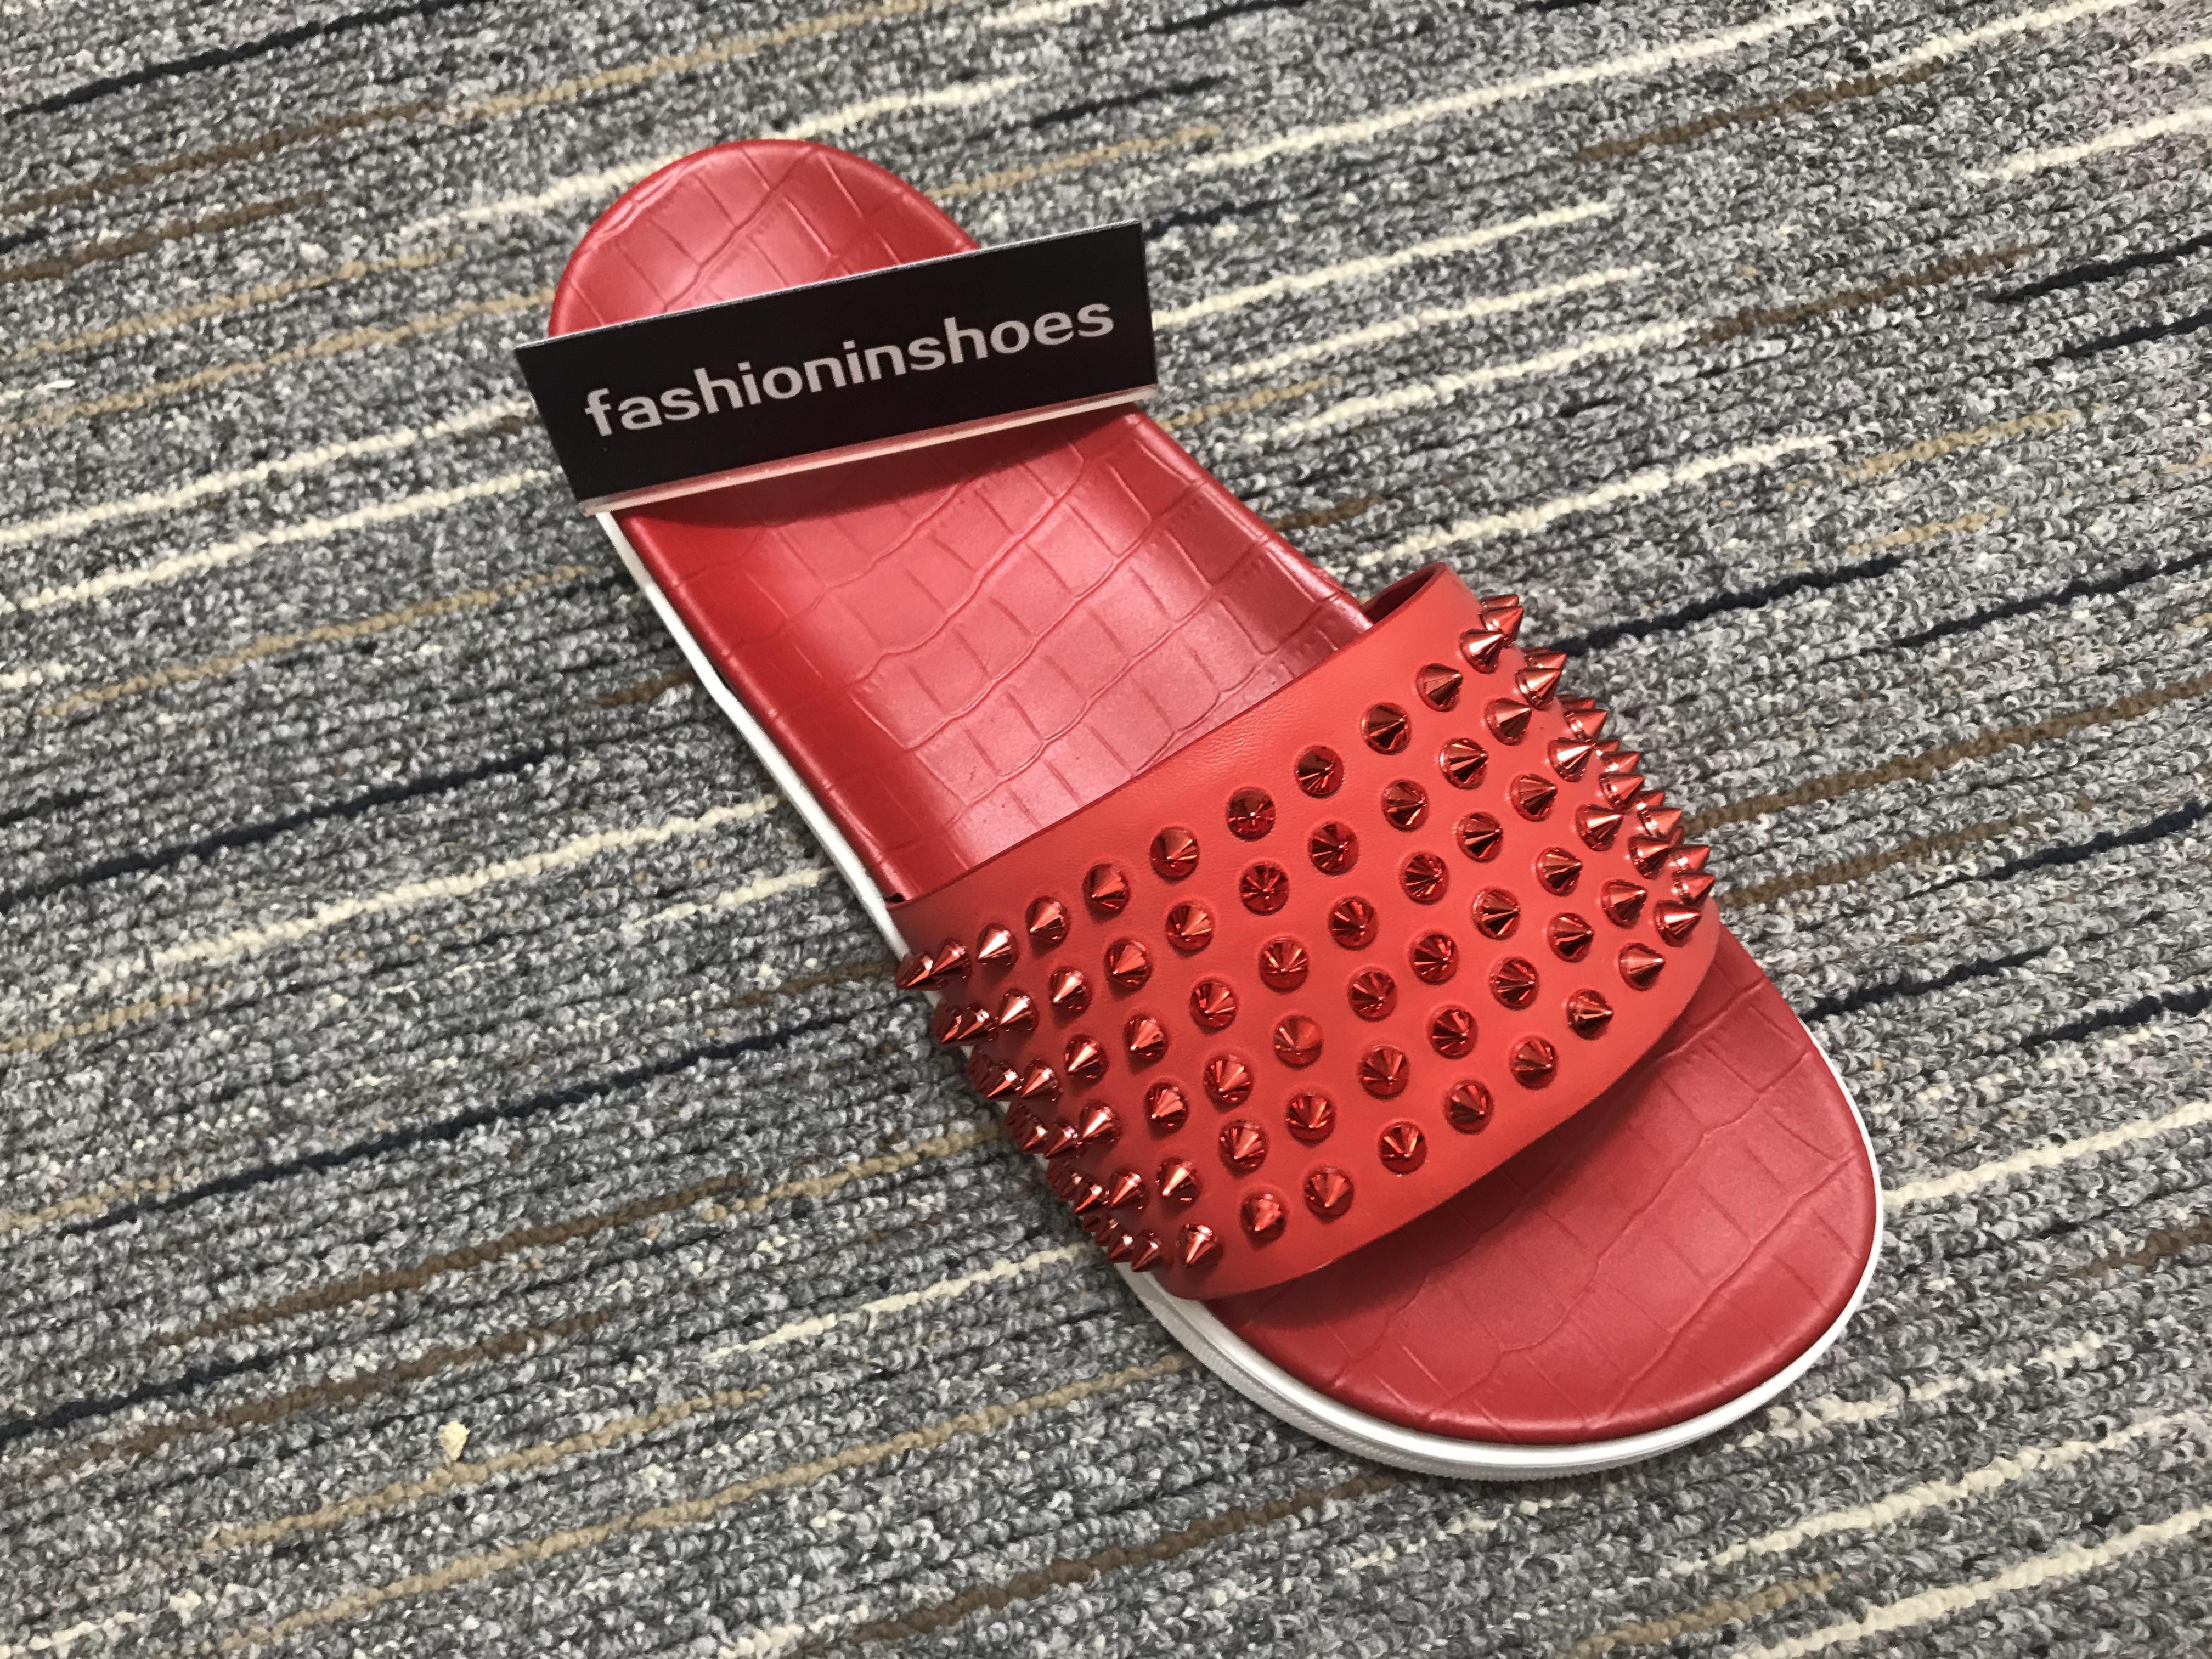 Hombres Zapatillas inferiores del rojo Pool Fun espárrago Spikes de lujo de diseño tirón de la playa Diapositivas marea del varón del cuero Inicio zapatillas antideslizante zapatos casuales para hombre